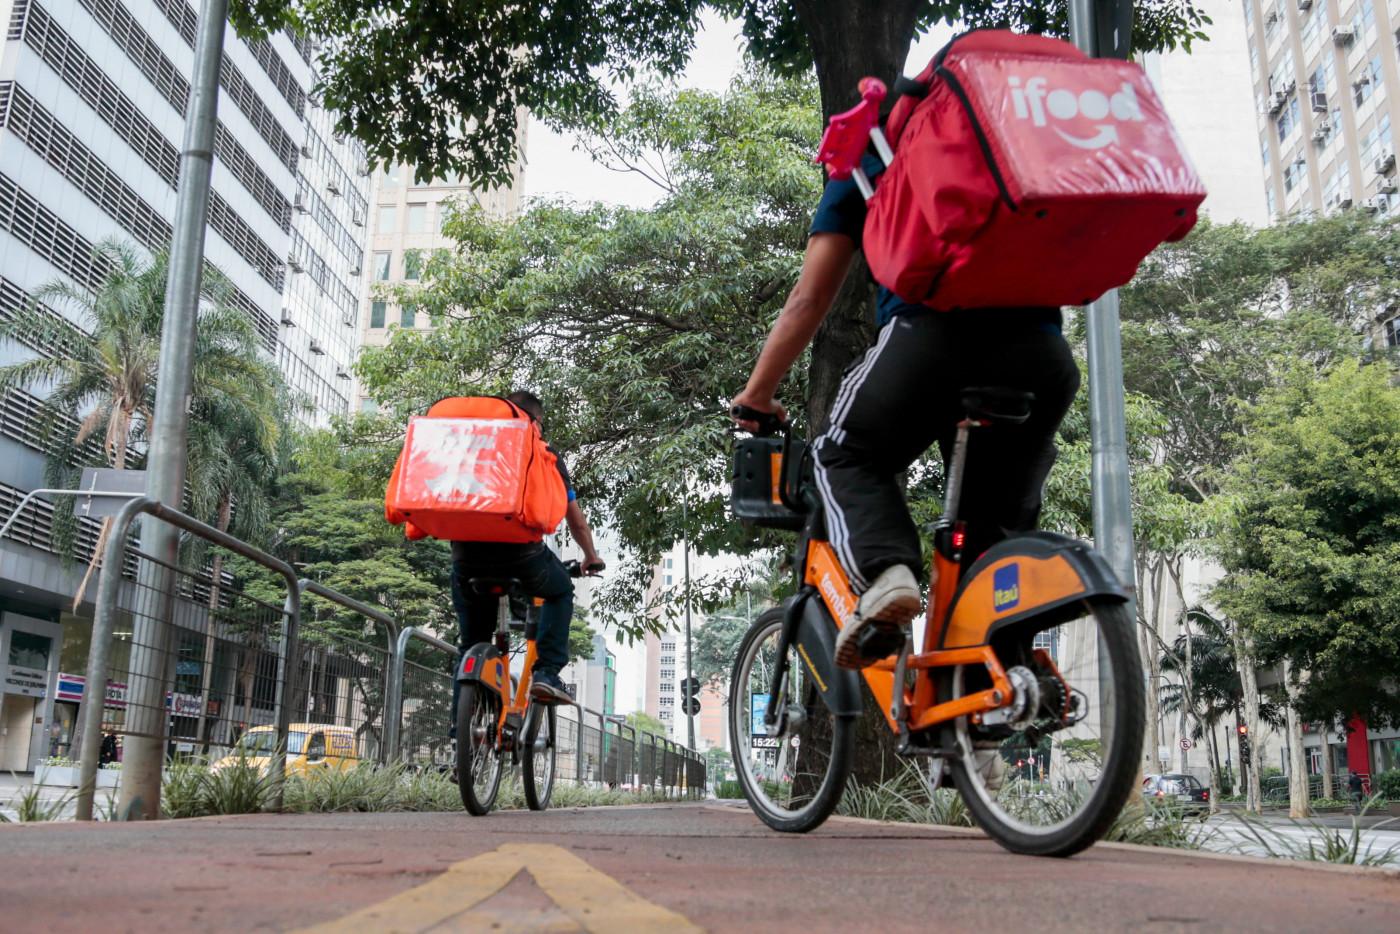 entregadores de aplicativo em cima de bicicletas laranjas do Itaú